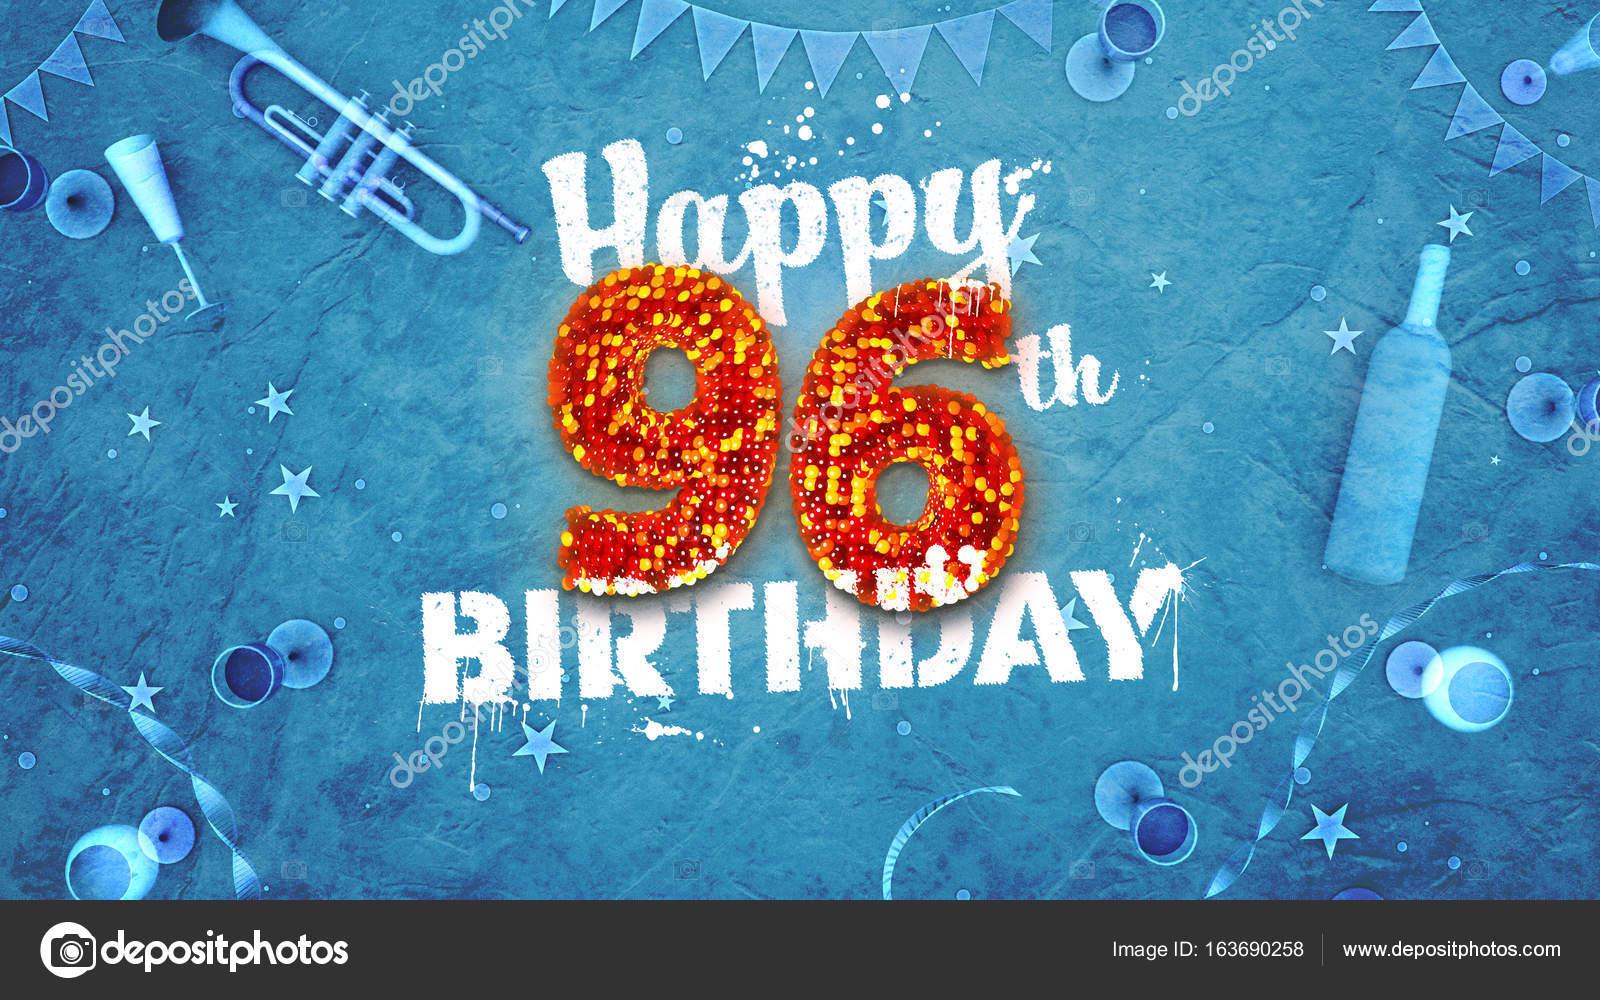 e födelsedagskort 96: e födelsedagskort med vackra Detaljer — Stockfotografi © mail  e födelsedagskort